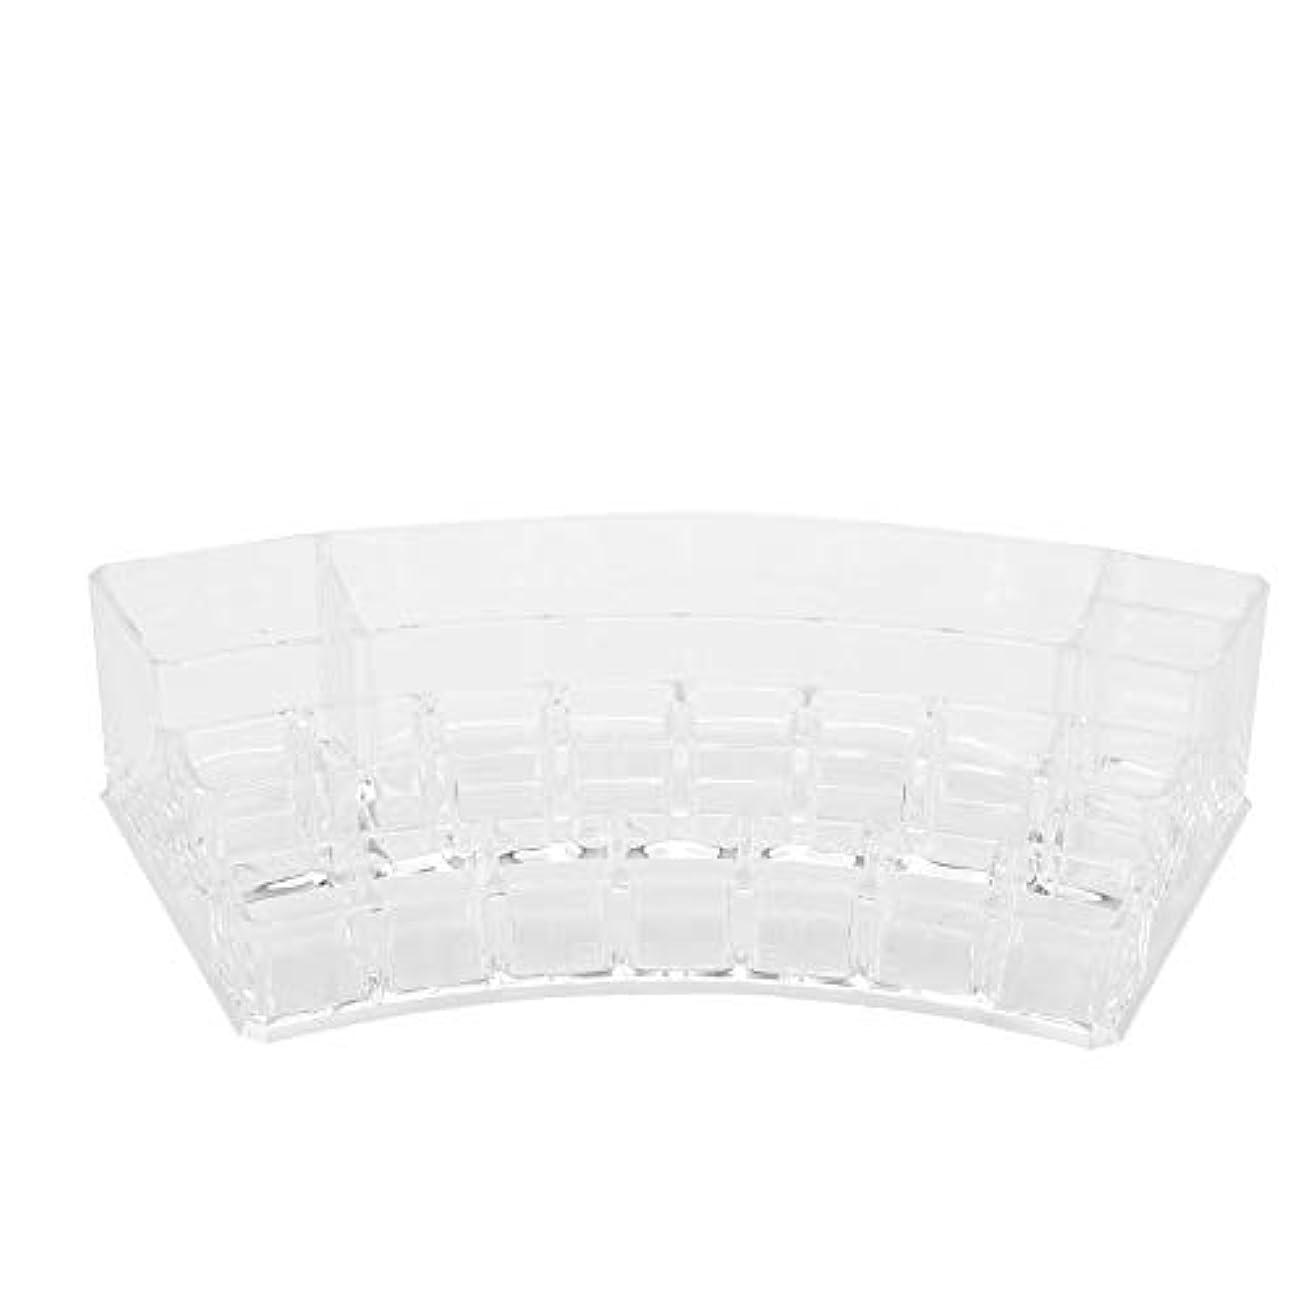 トピック女性磁石19グリッドプラスチック収納ボックス - ディスプレイケースネイルアートタトゥーツールオーガナイザー化粧品ディスプレイ